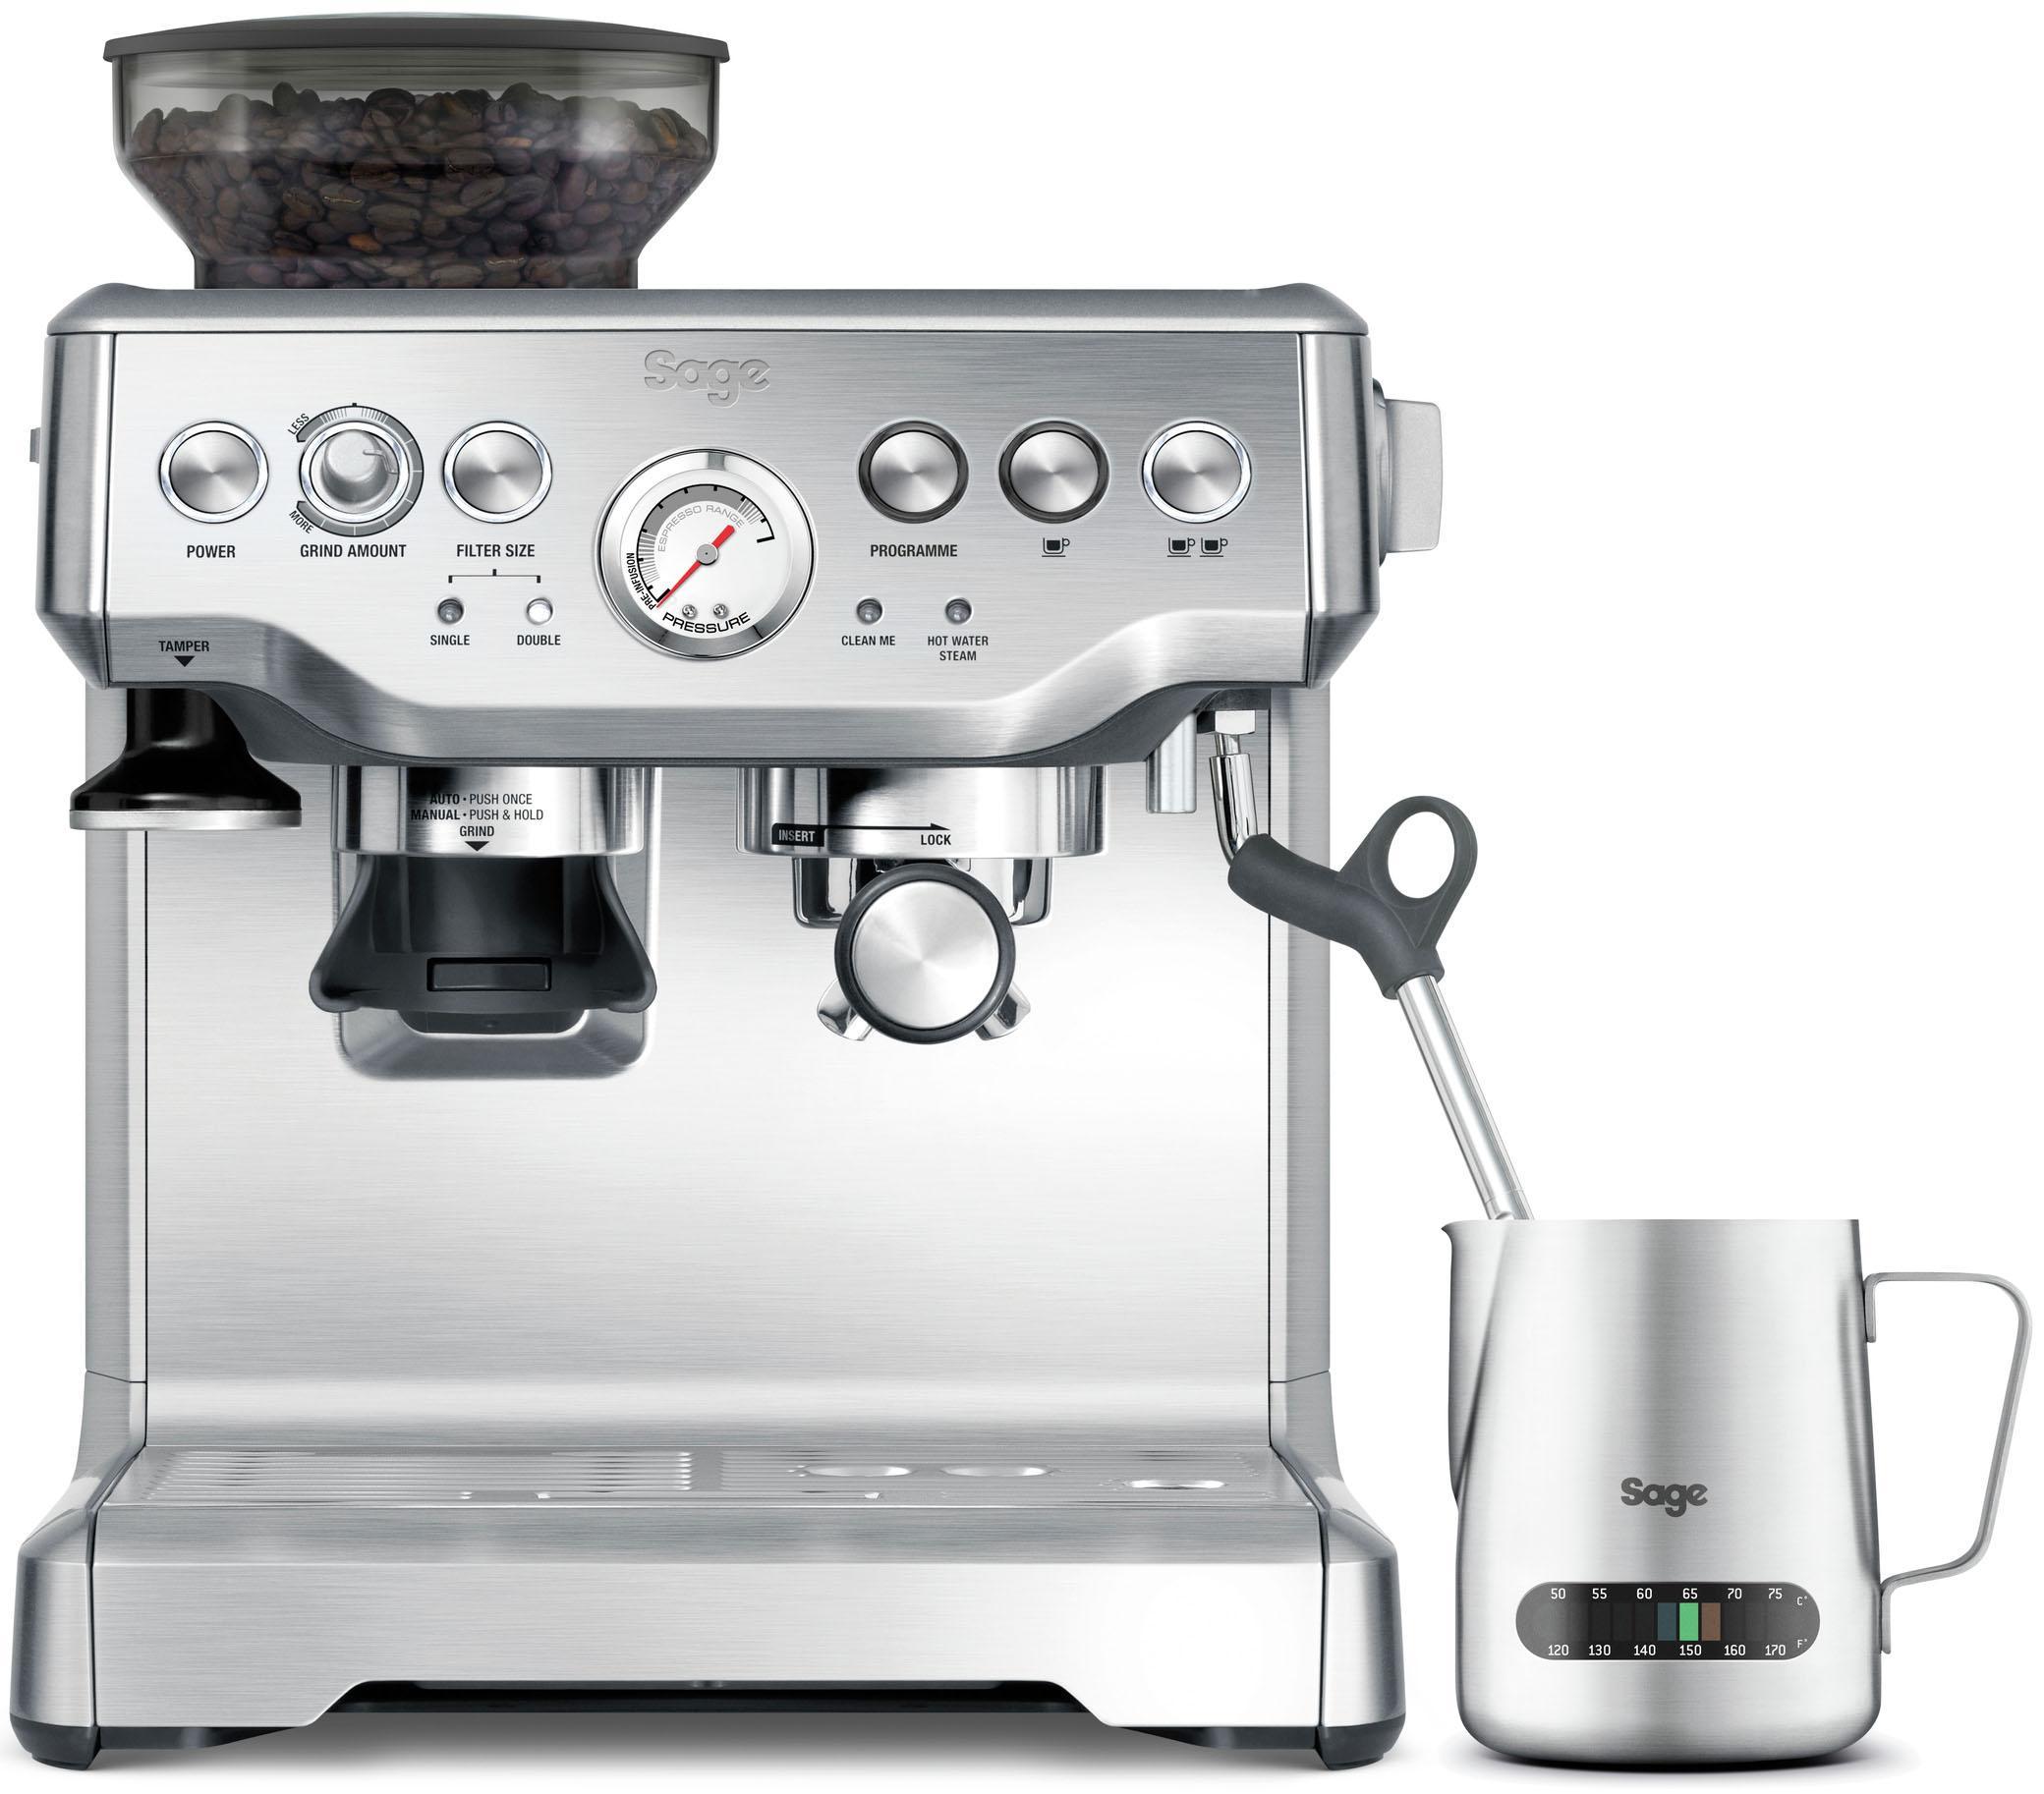 Sage Espressomaschine The Barista Express, SES875BSS2EEU1A silberfarben Kaffee Espresso Haushaltsgeräte Kaffeemaschine